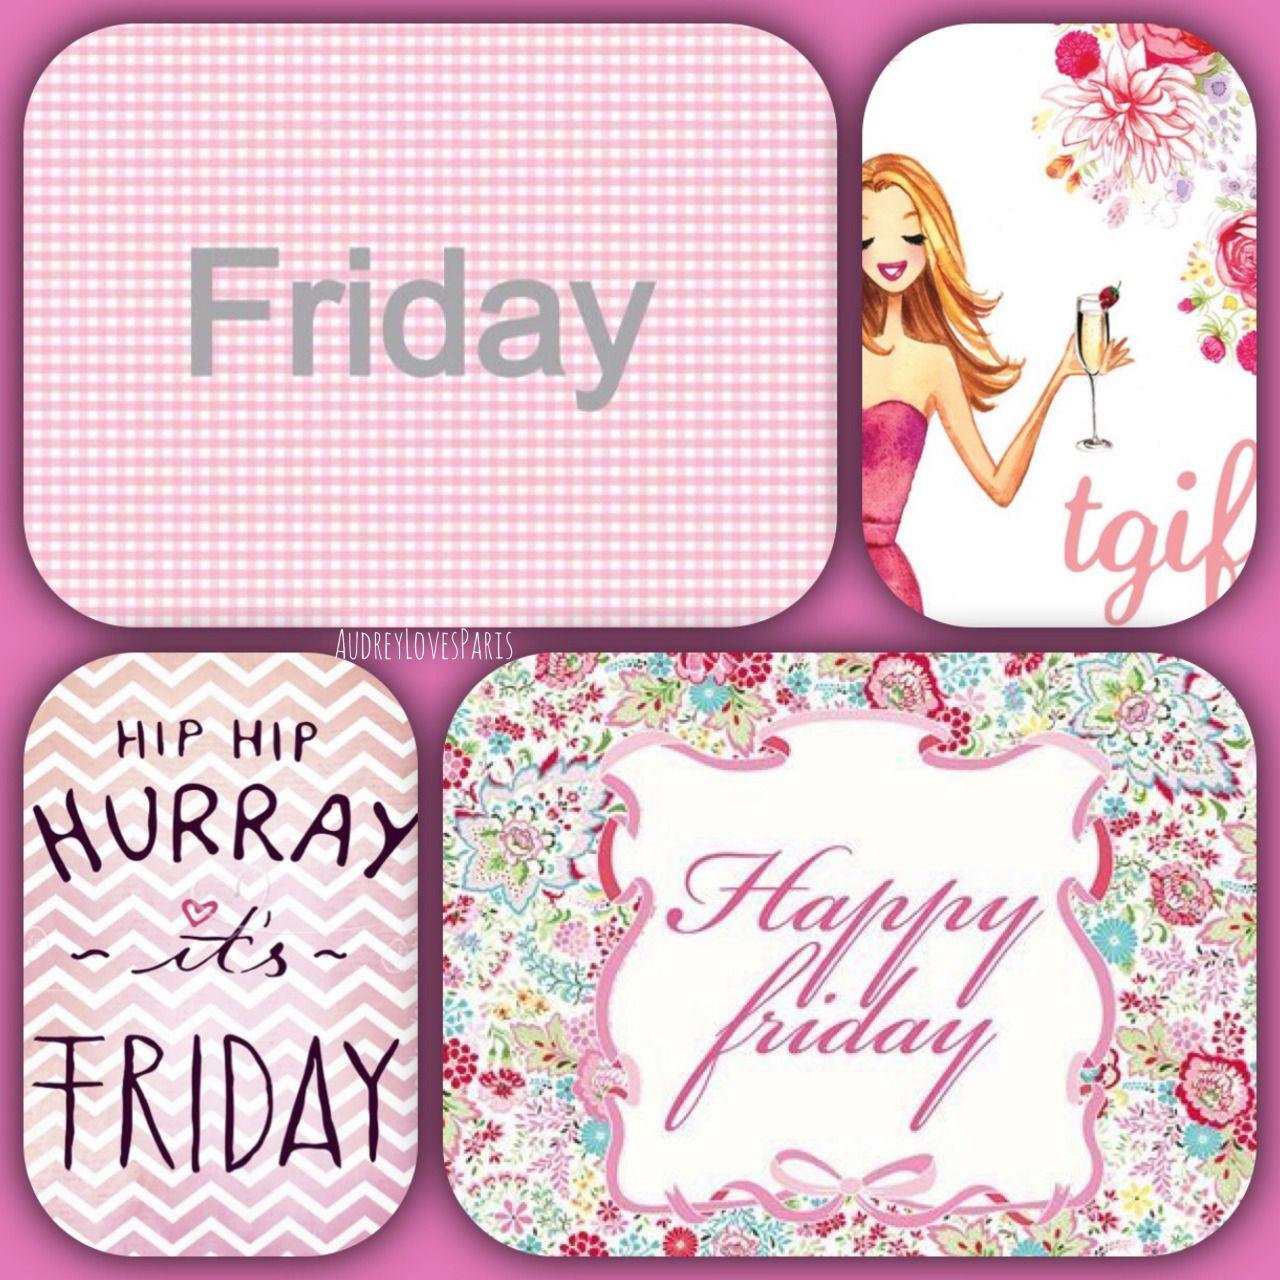 Happy Friday!